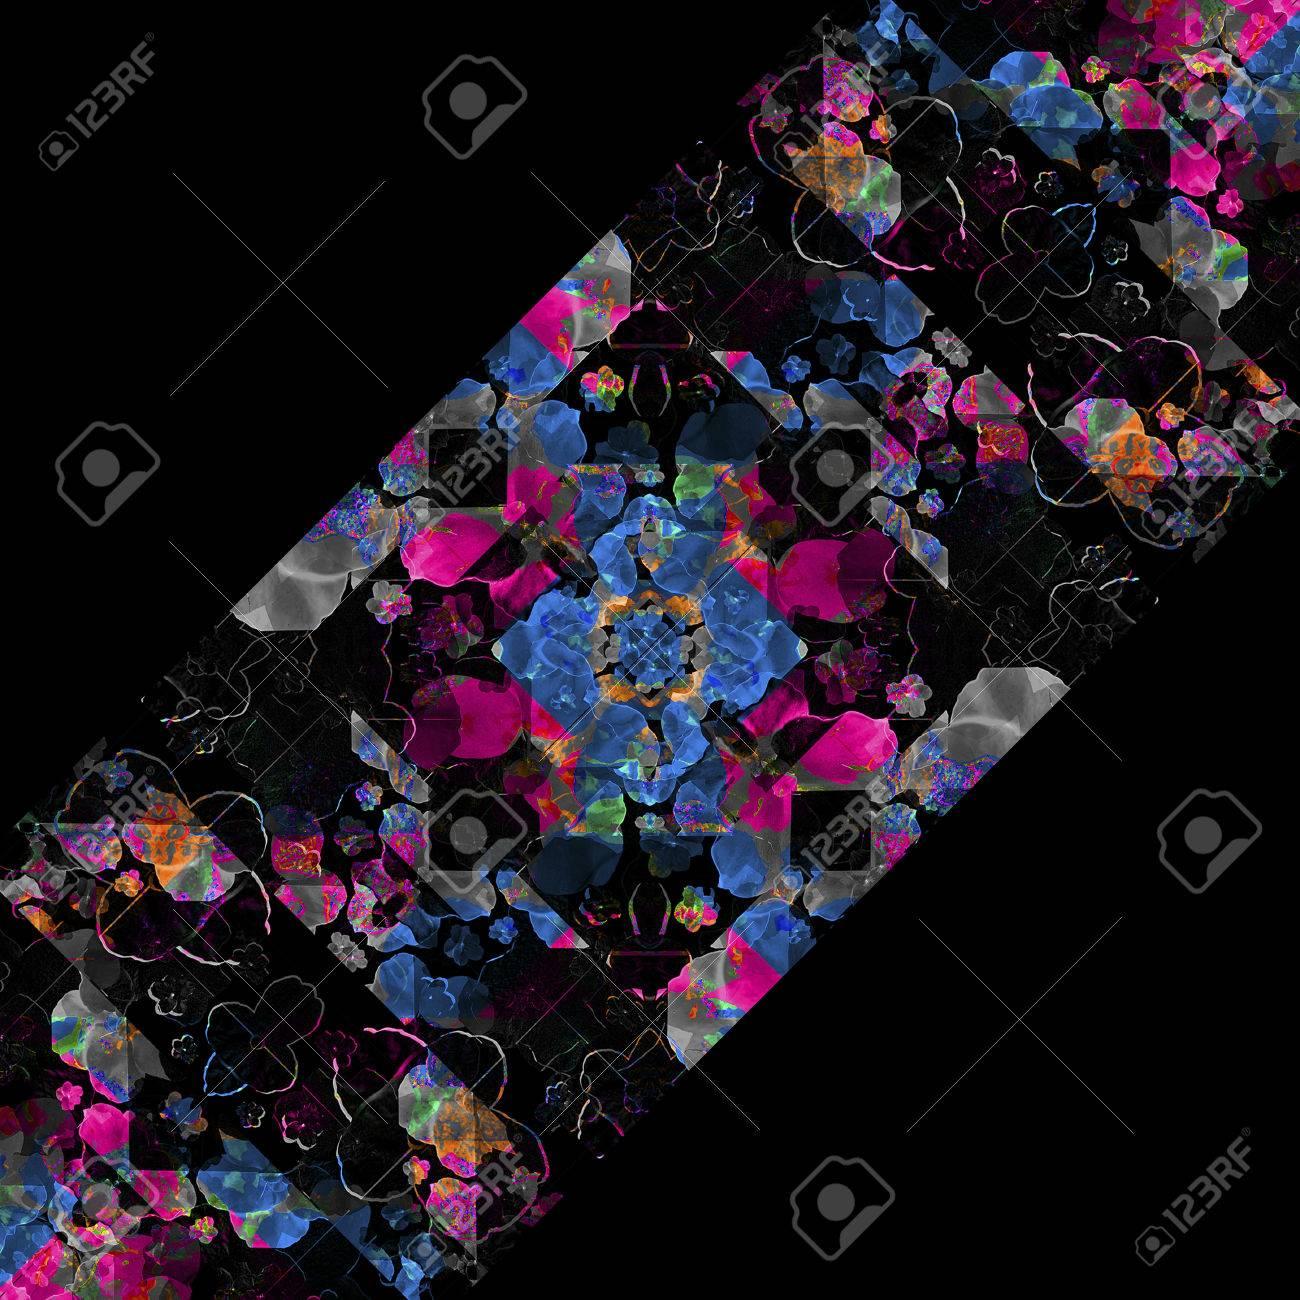 Fotograma De Fondo Negro Con El Collage Patrón Decorativo Adornado ...